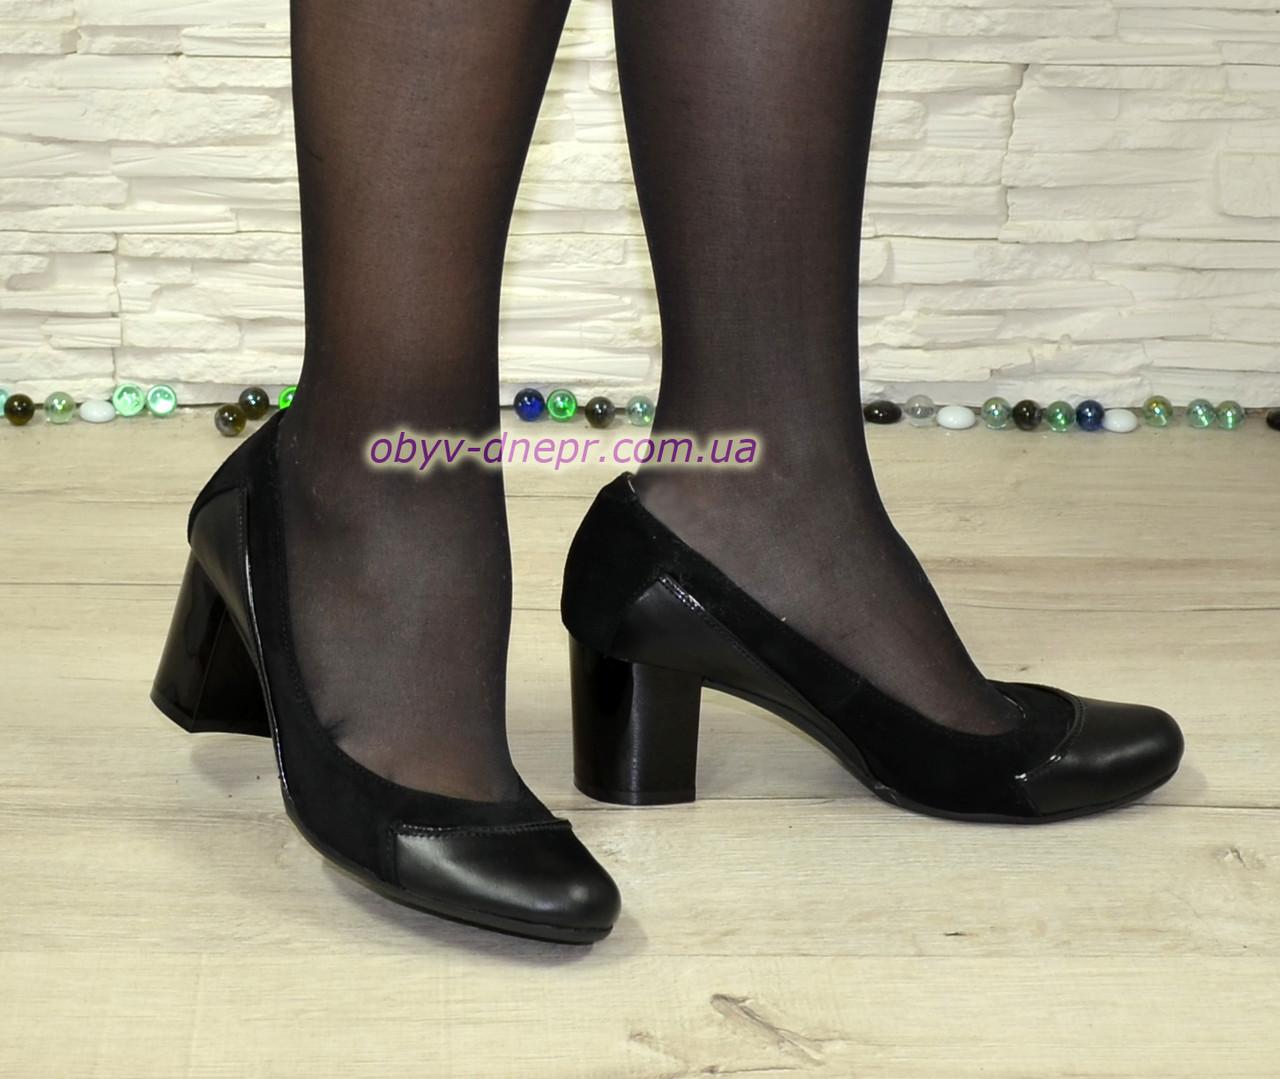 Женские туфли на невысоком каблуке из натуральной кожи и замши черного цвета